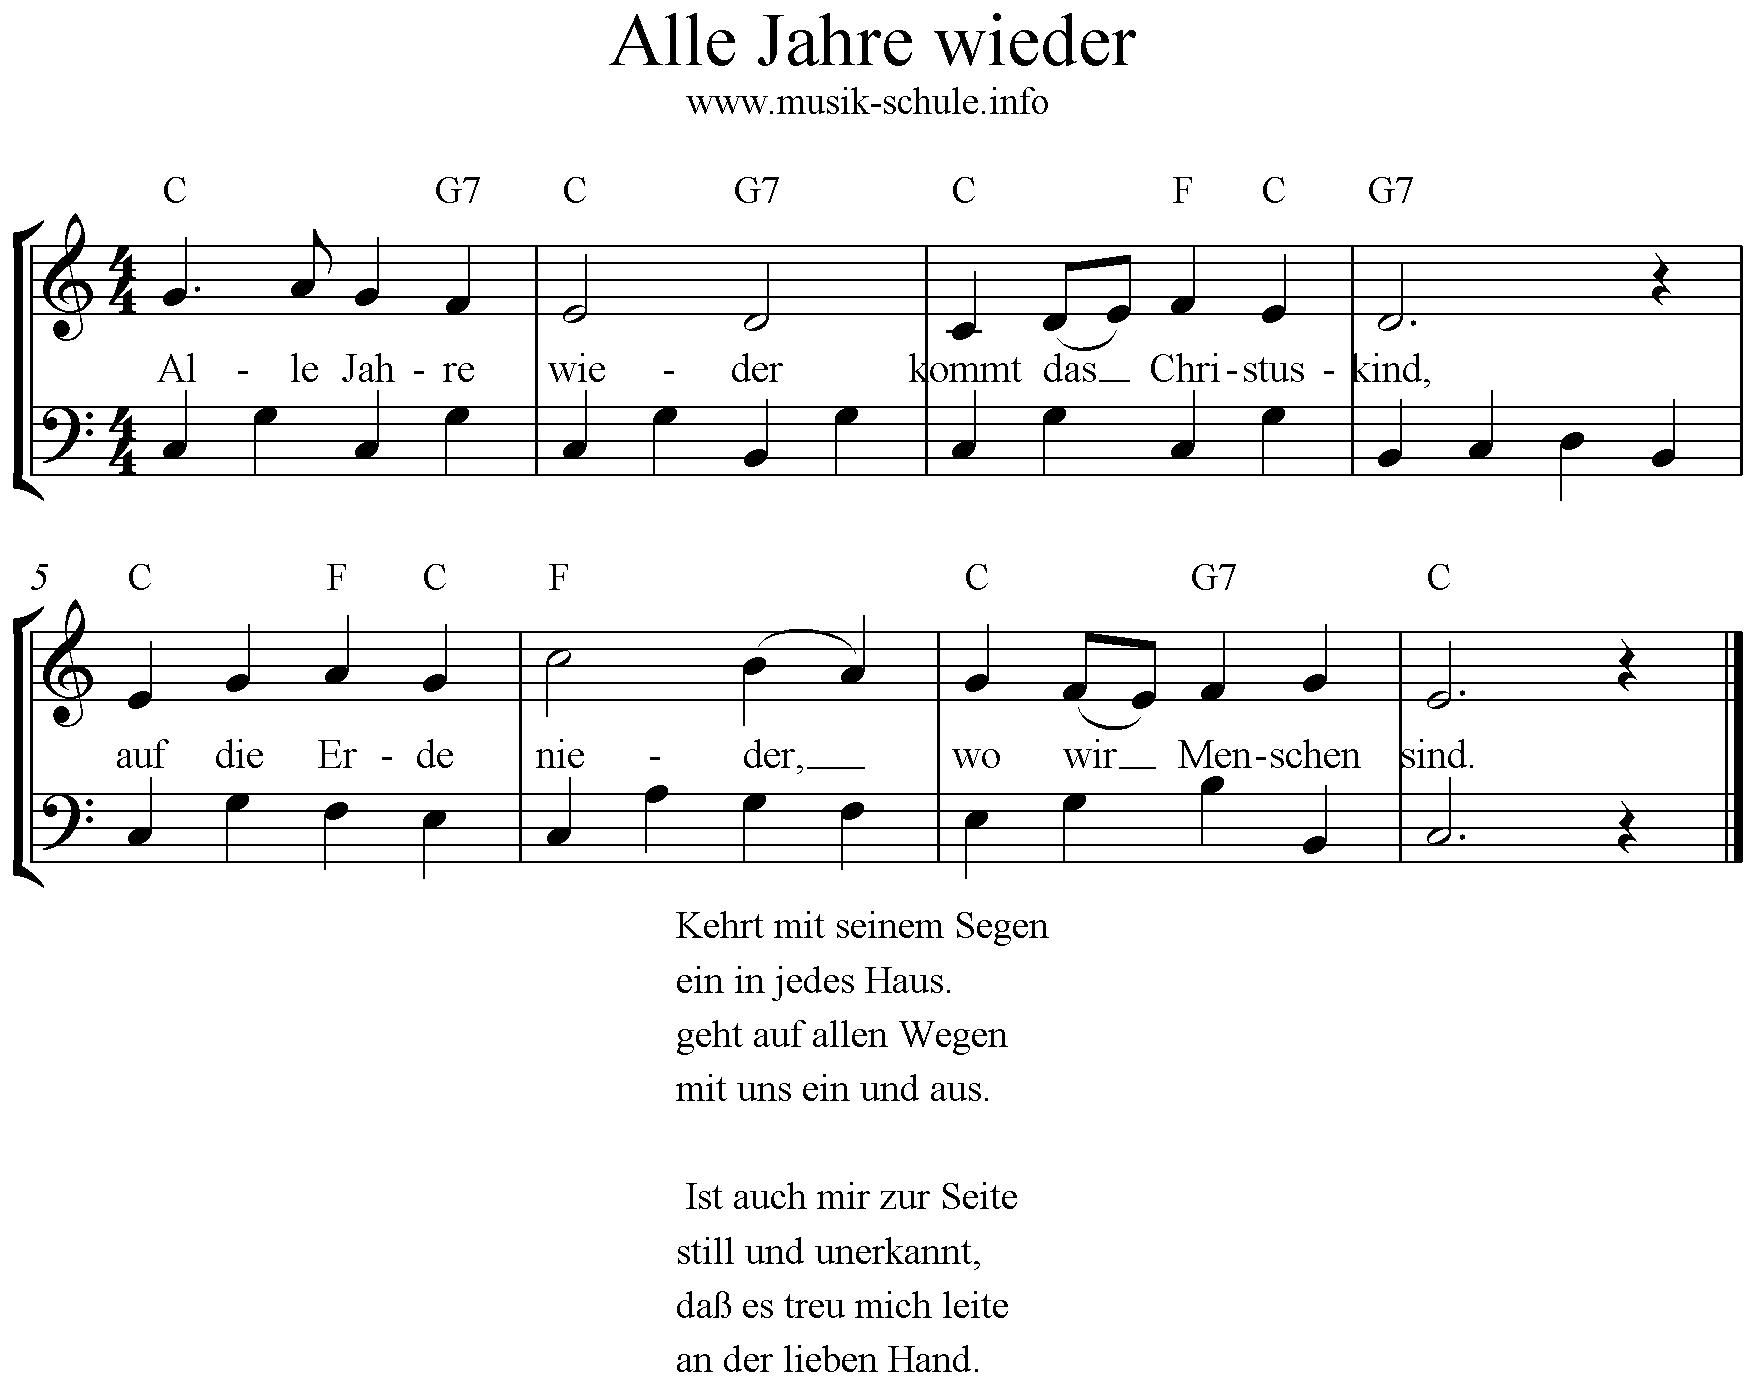 Alle Jahre wieder - Musikschule Stadt Haag